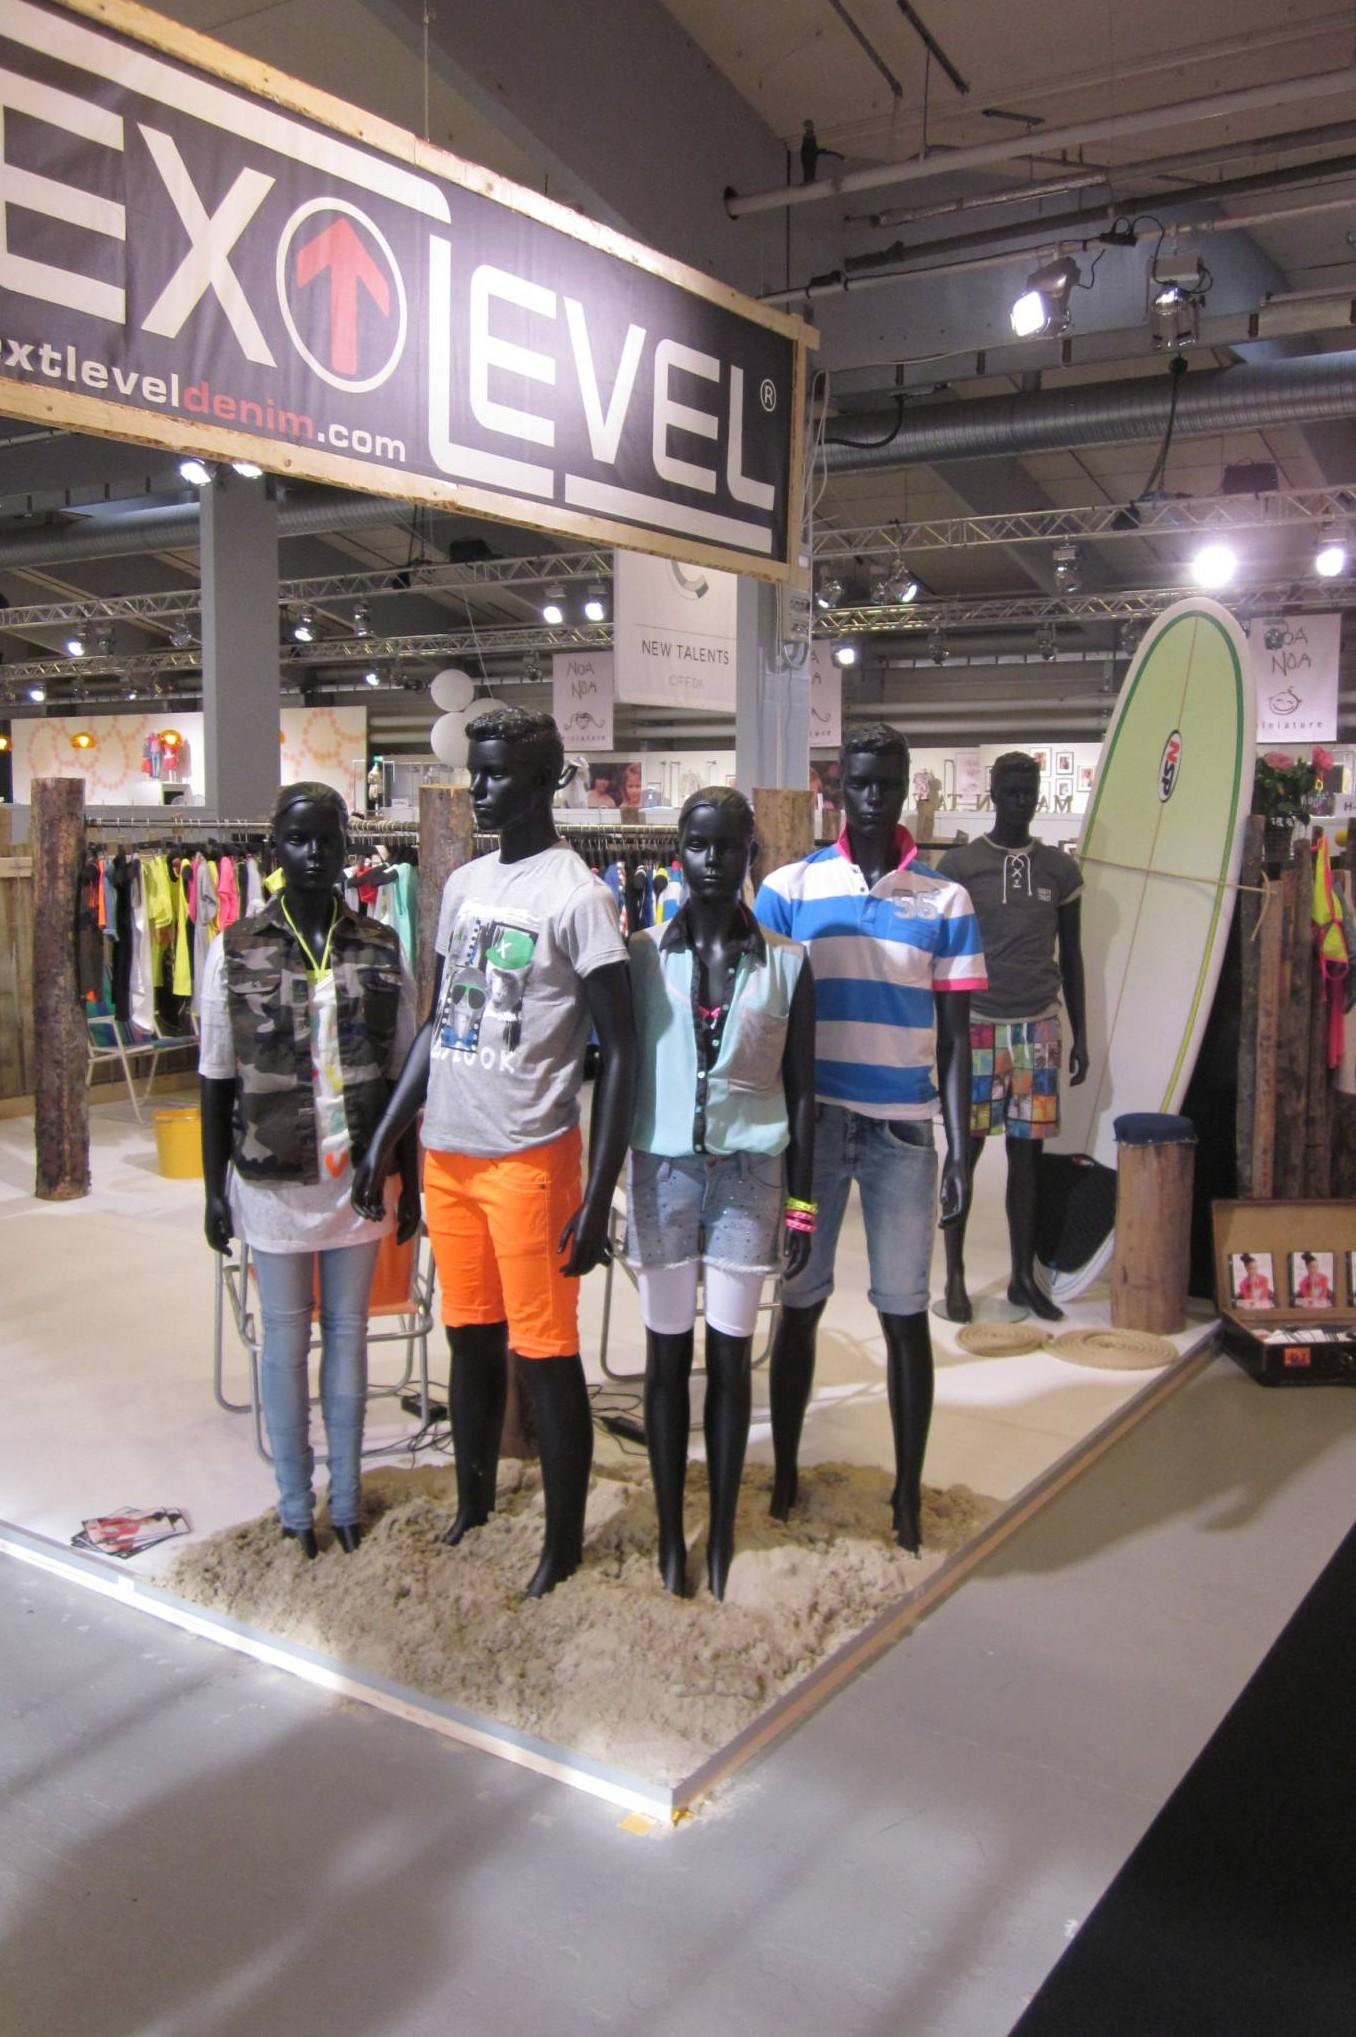 Teenage mannequin dreng og teenage mannequin pige i flot sort mat farve.